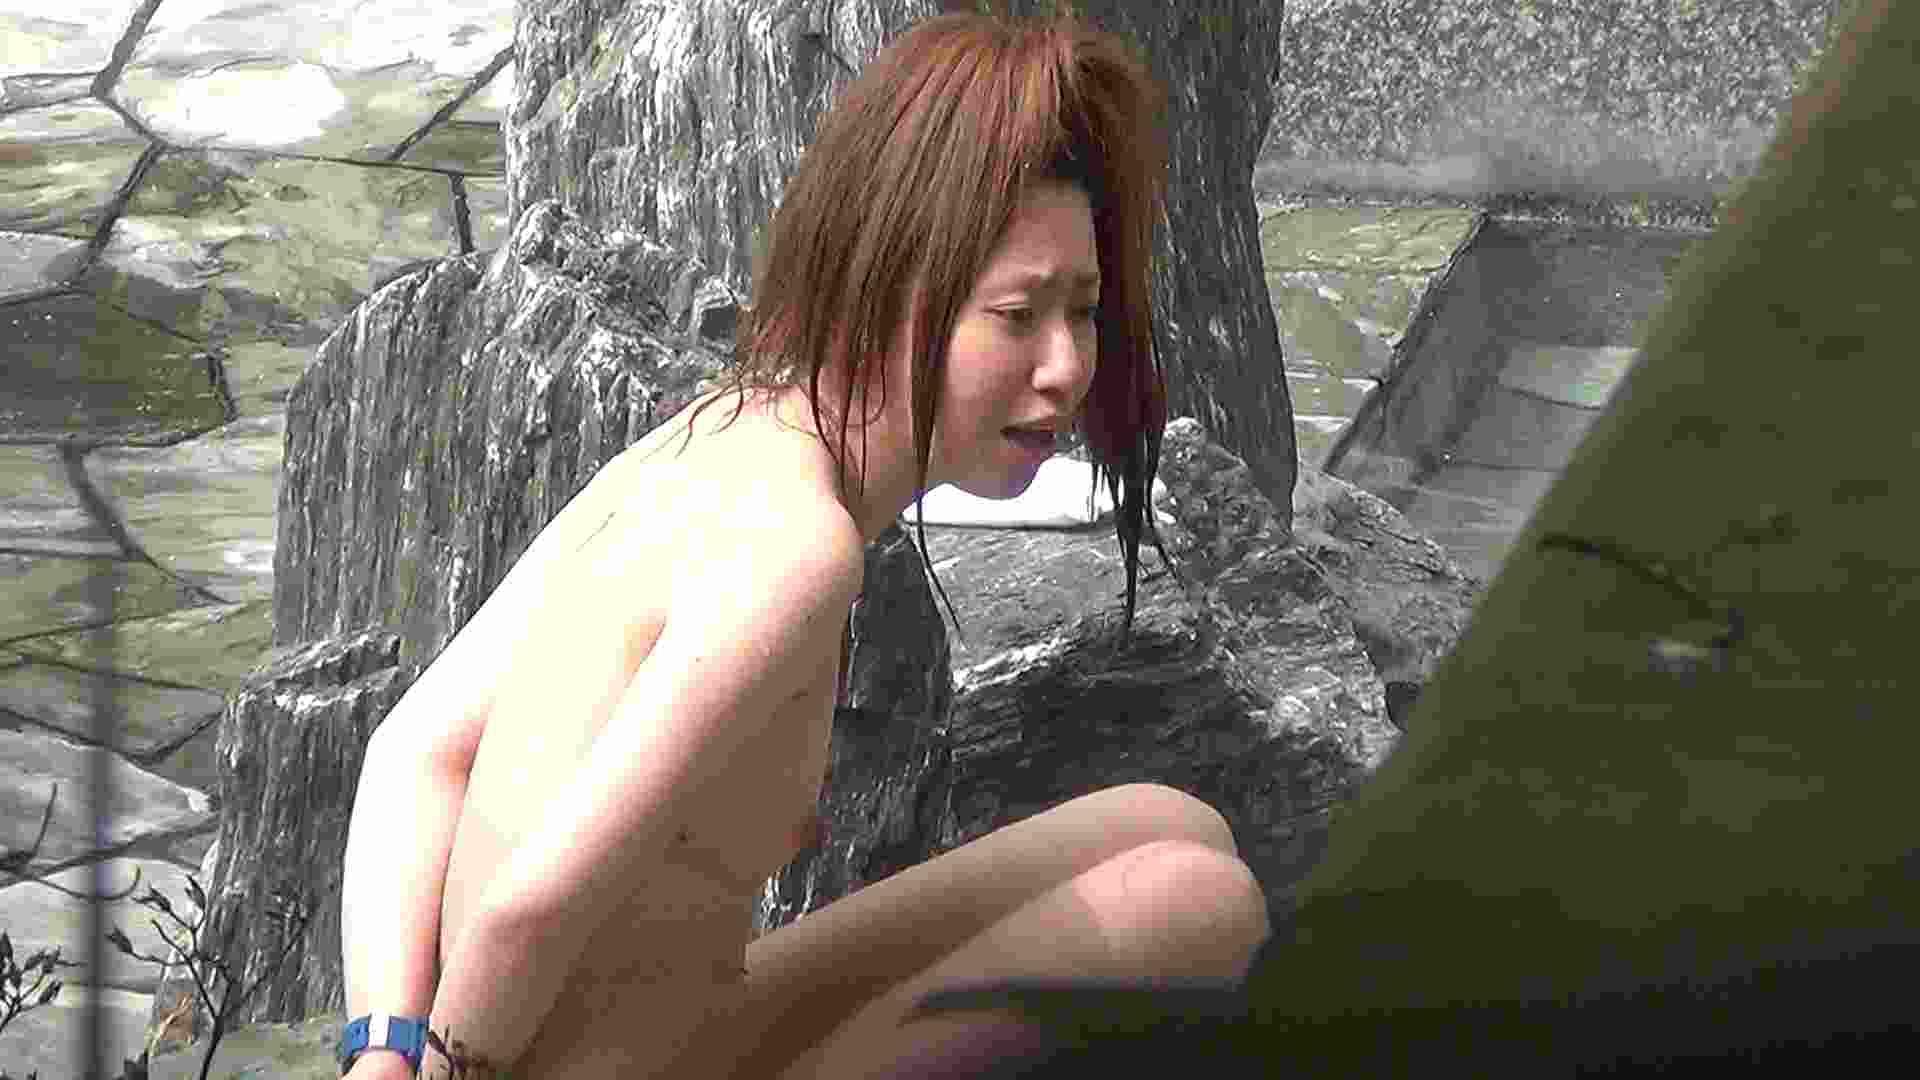 ハイビジョンVol.14 年齢とともに大きくなる心と乳首 美肌 われめAV動画紹介 94枚 45